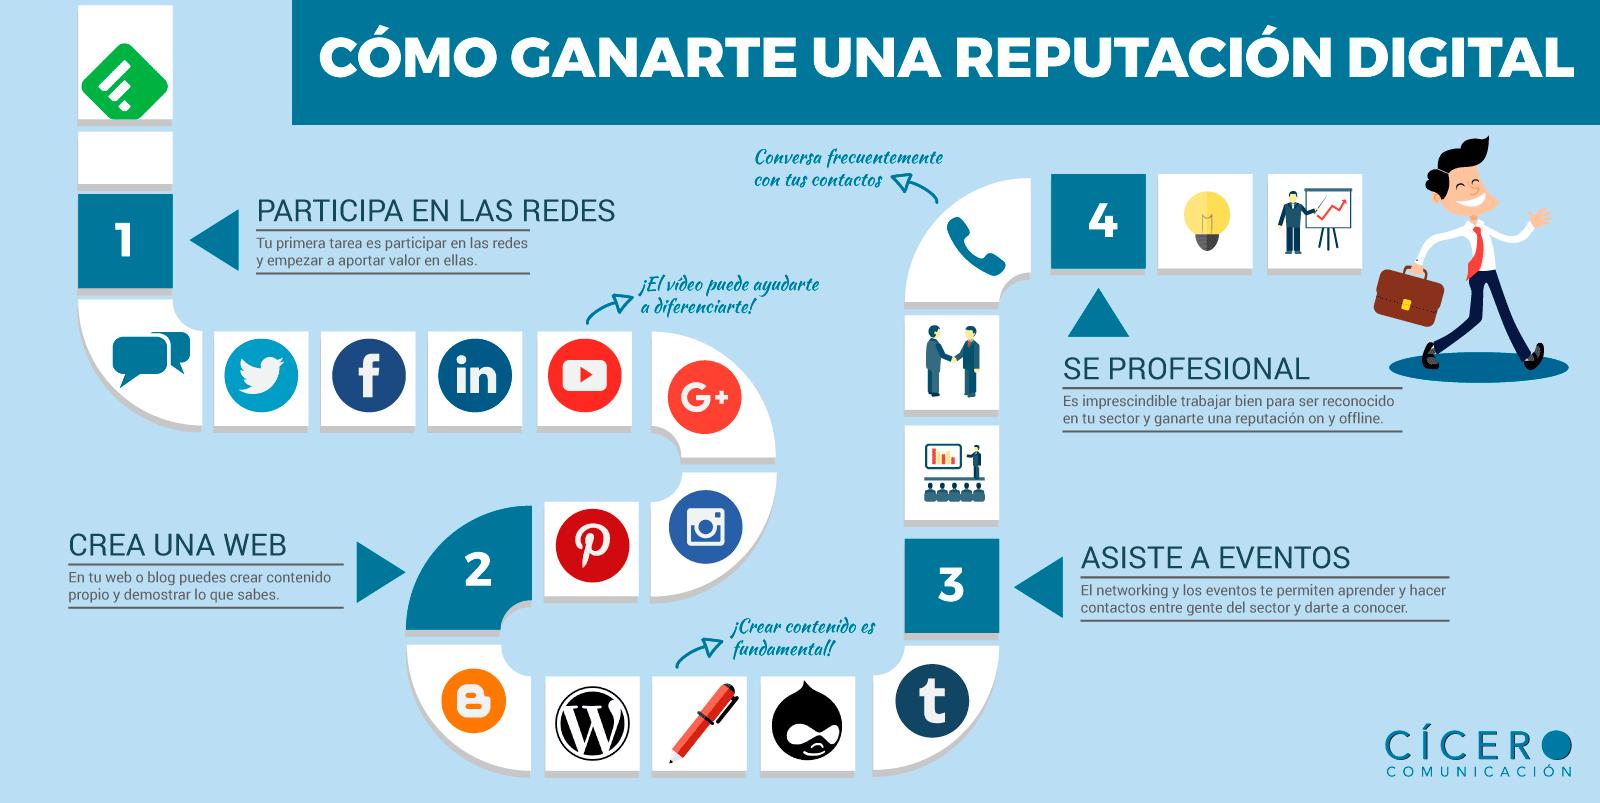 Cómo ganarte una reputación digital